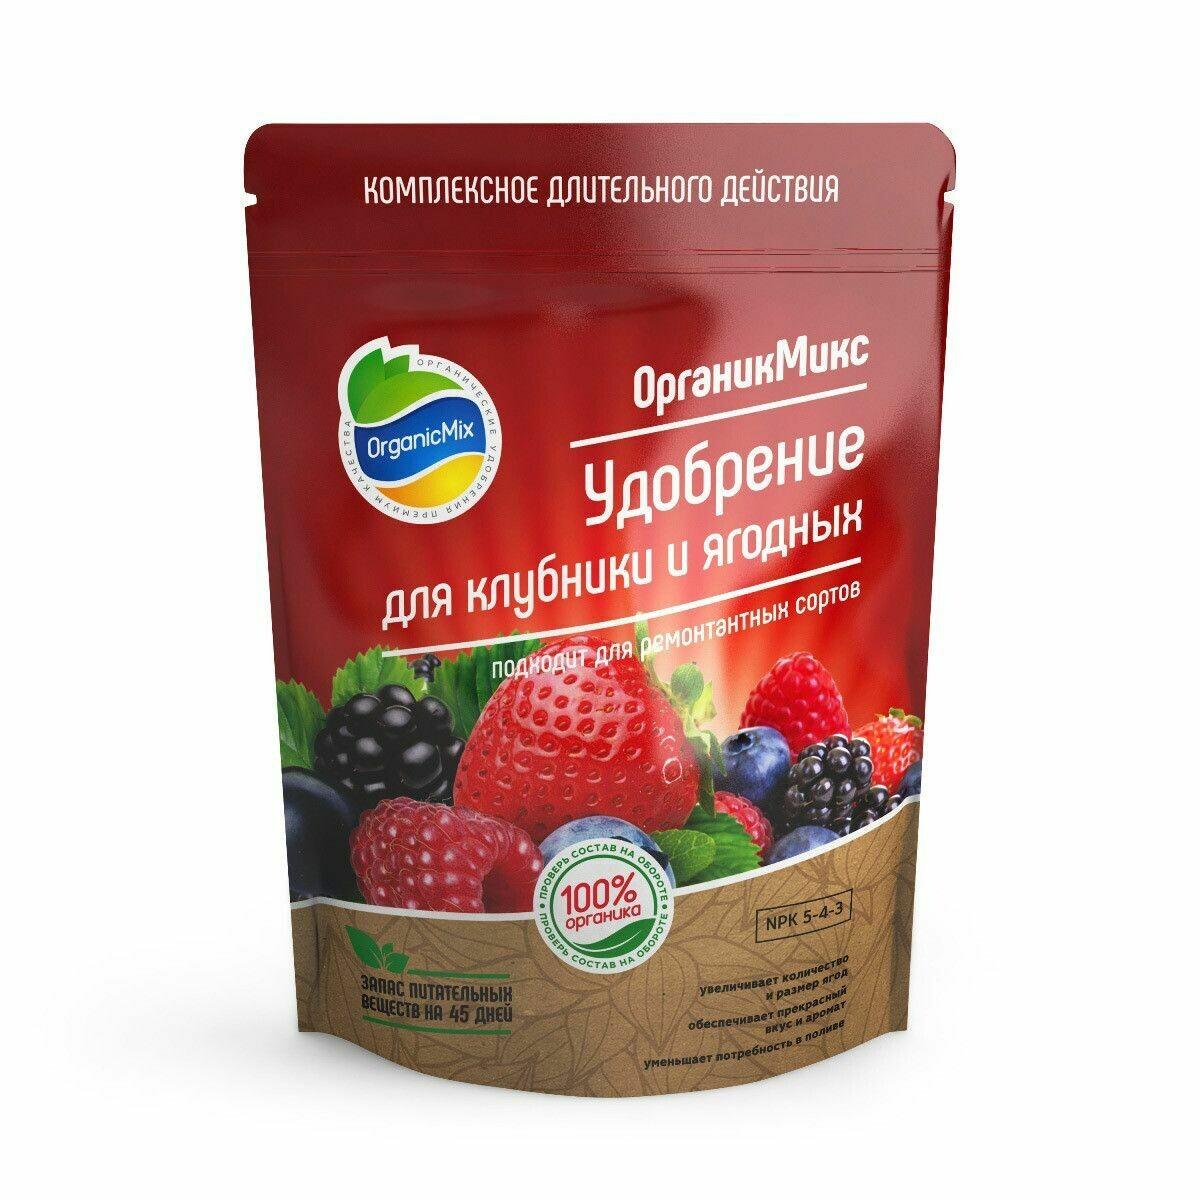 Удобрение для клубники и ягодных 200гр